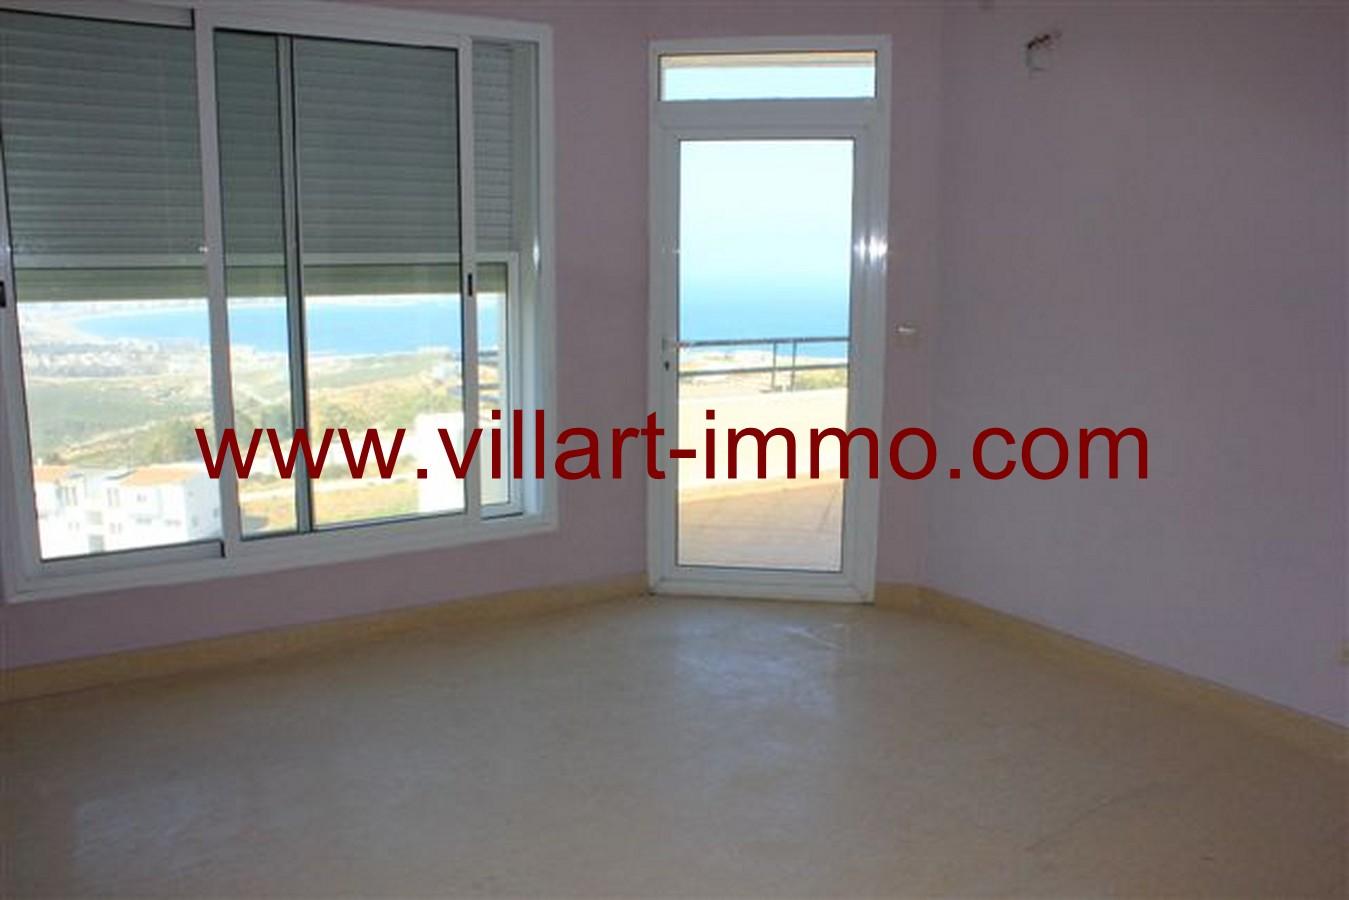 9-Vente-Villa-tanger-Malabata-MIR-1-Villart Immo